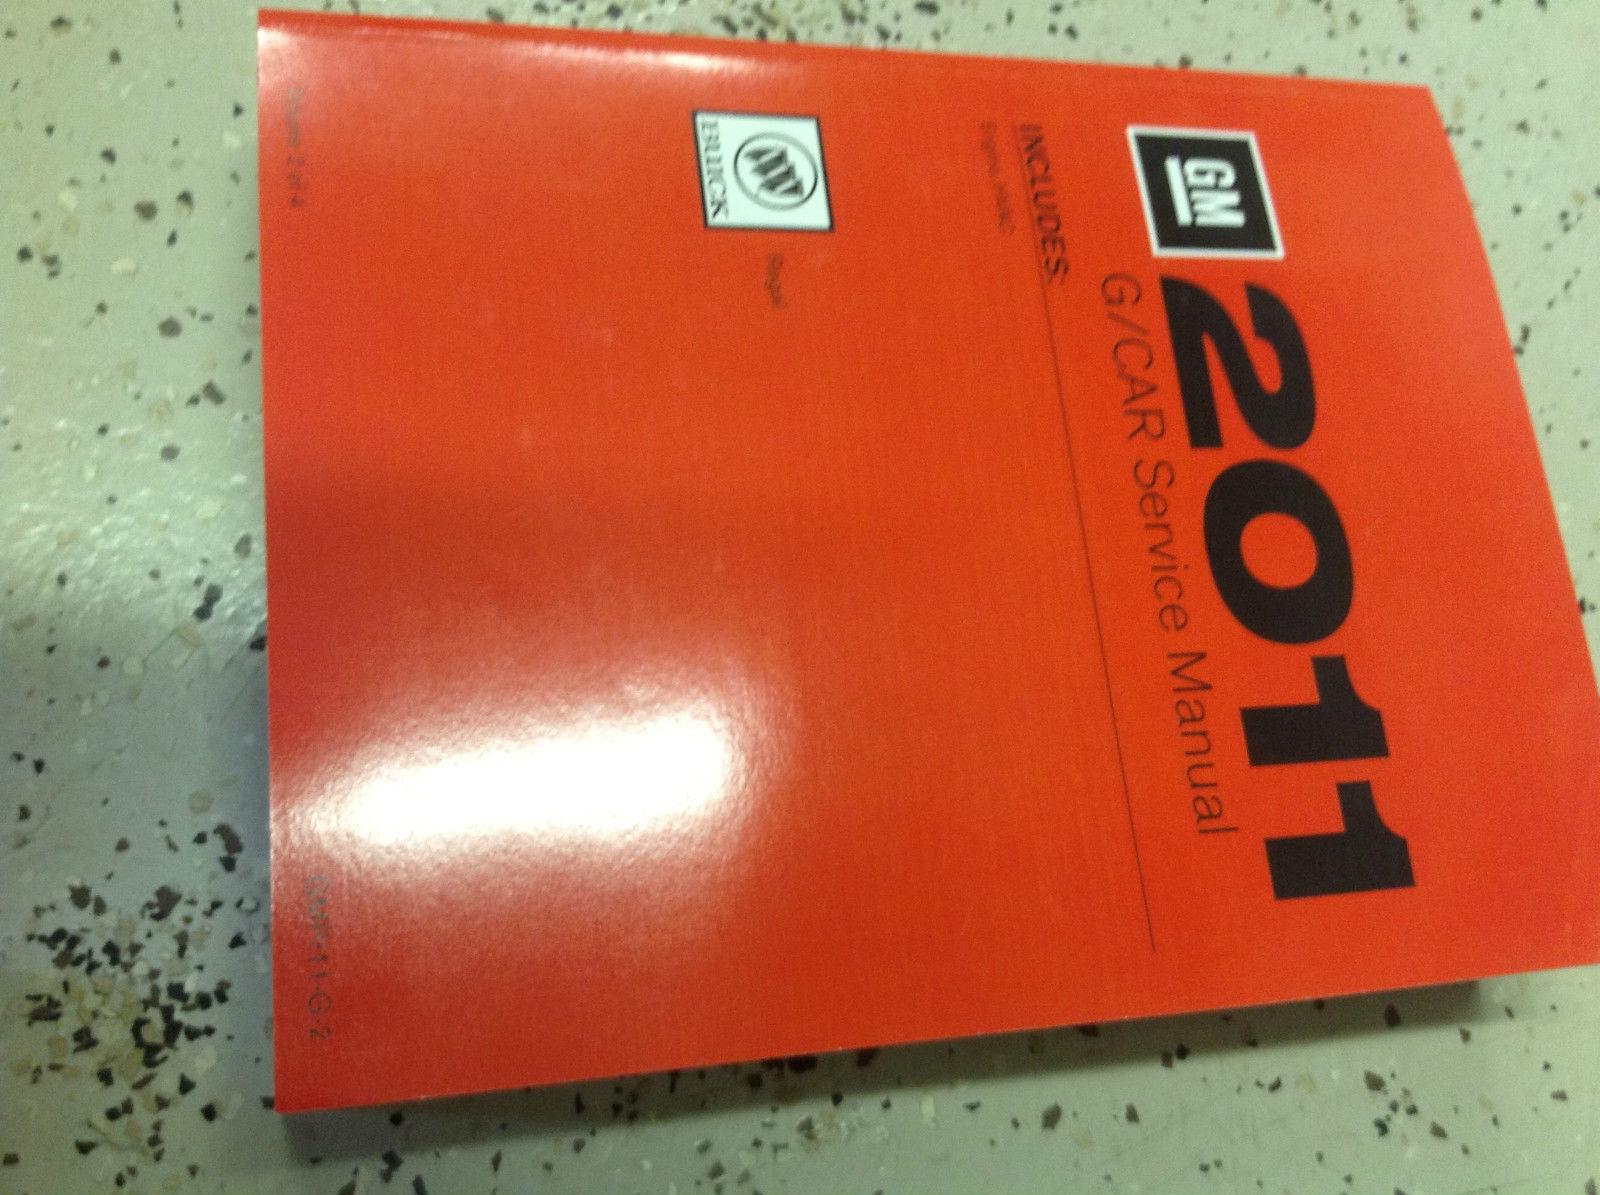 buick manual 2010s 27 listings rh bonanza com 2011 buick regal service manual 2011 buick regal turbo repair manual